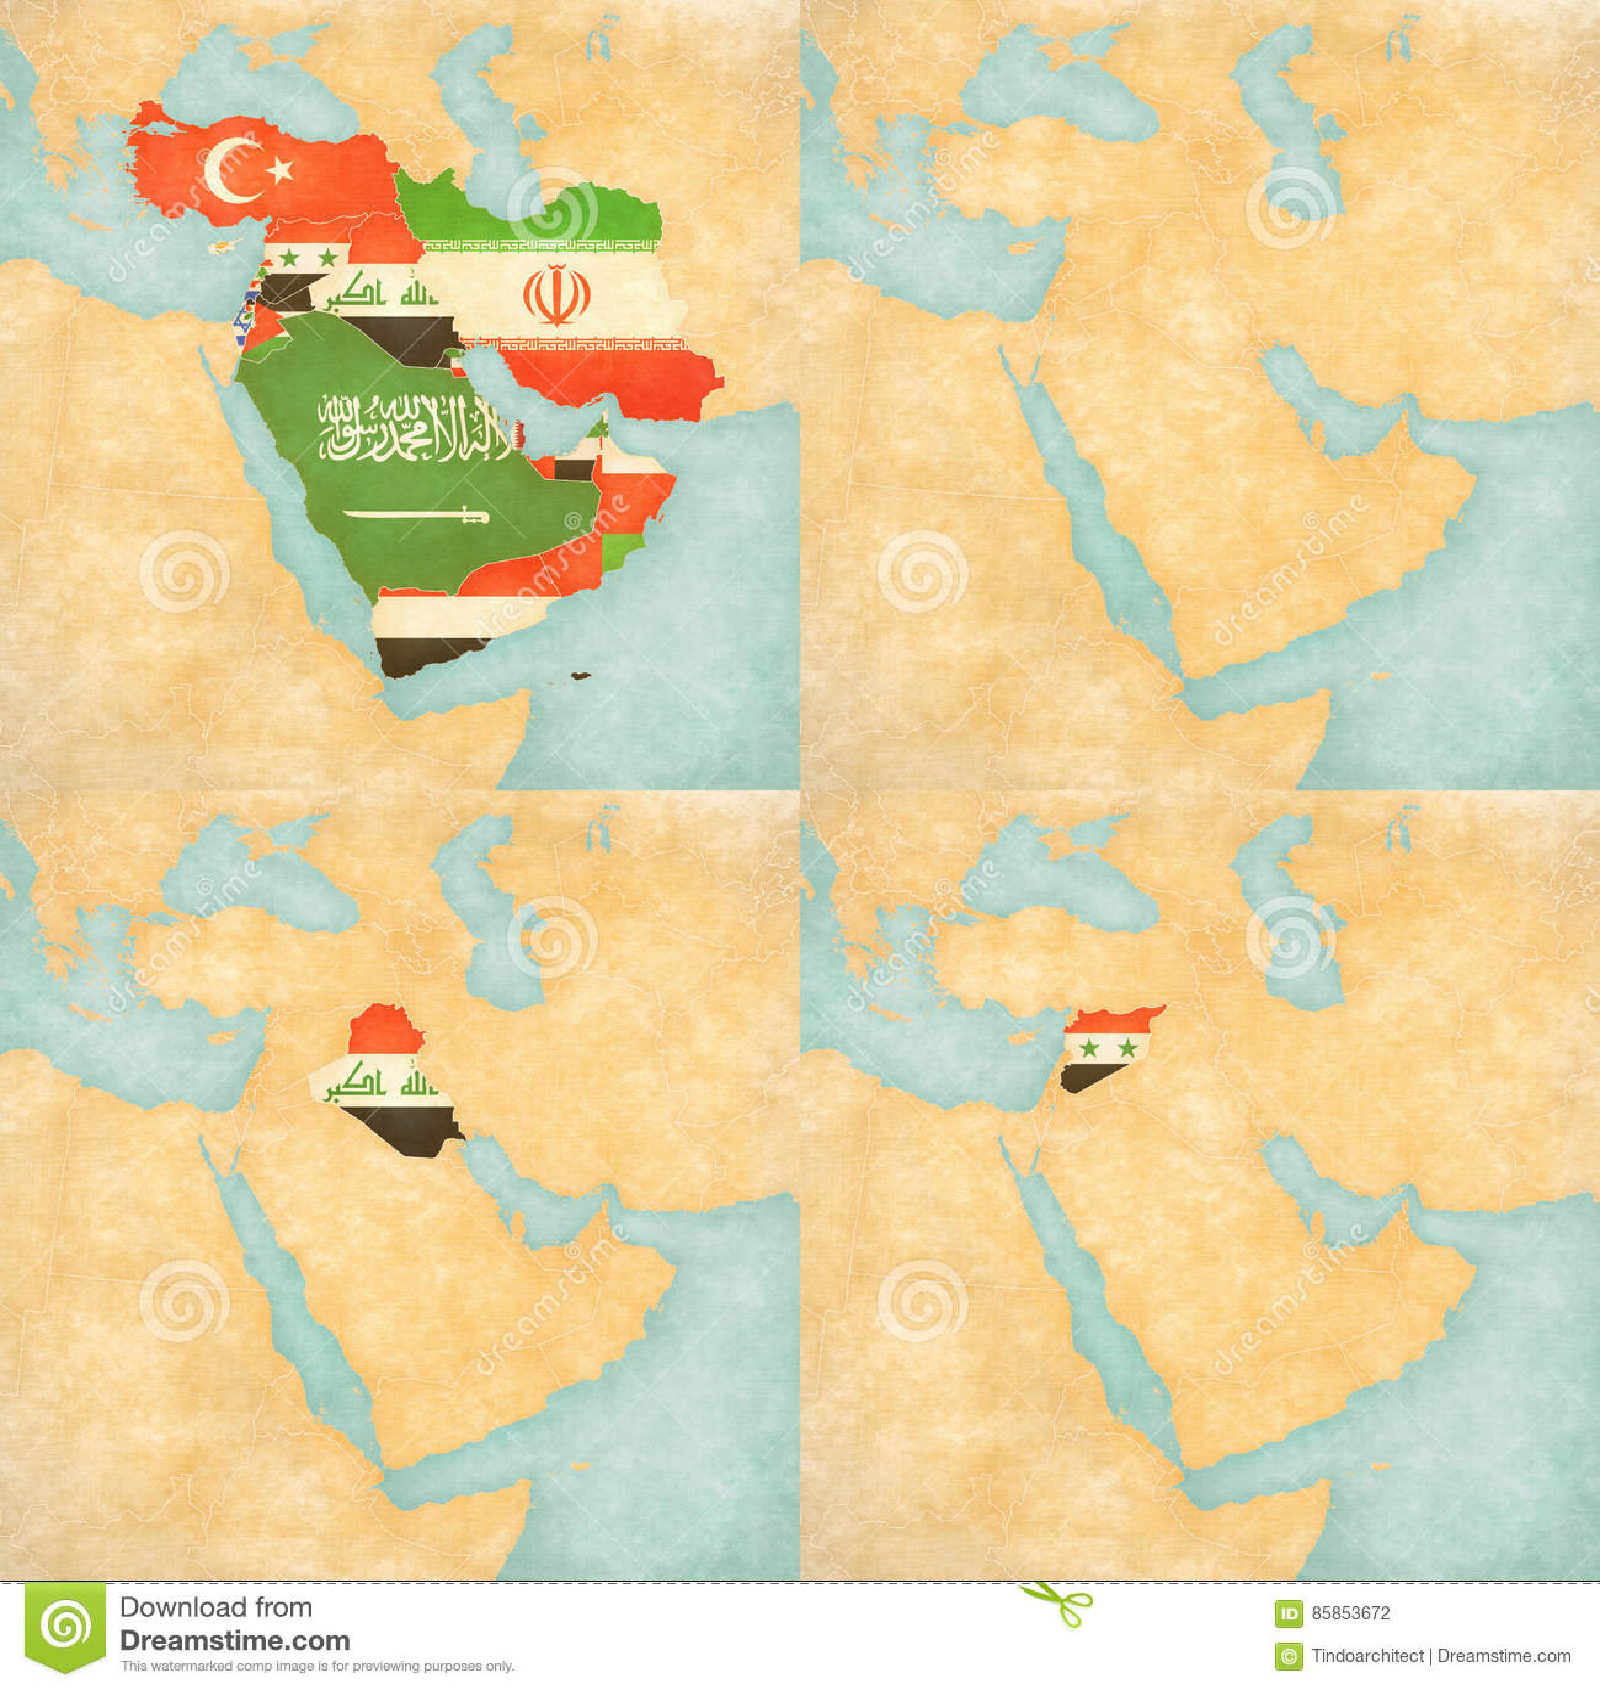 Karte Asien Länder.Karte Des Mittlere Ostens Asien Alle Länder Leere Karte Der